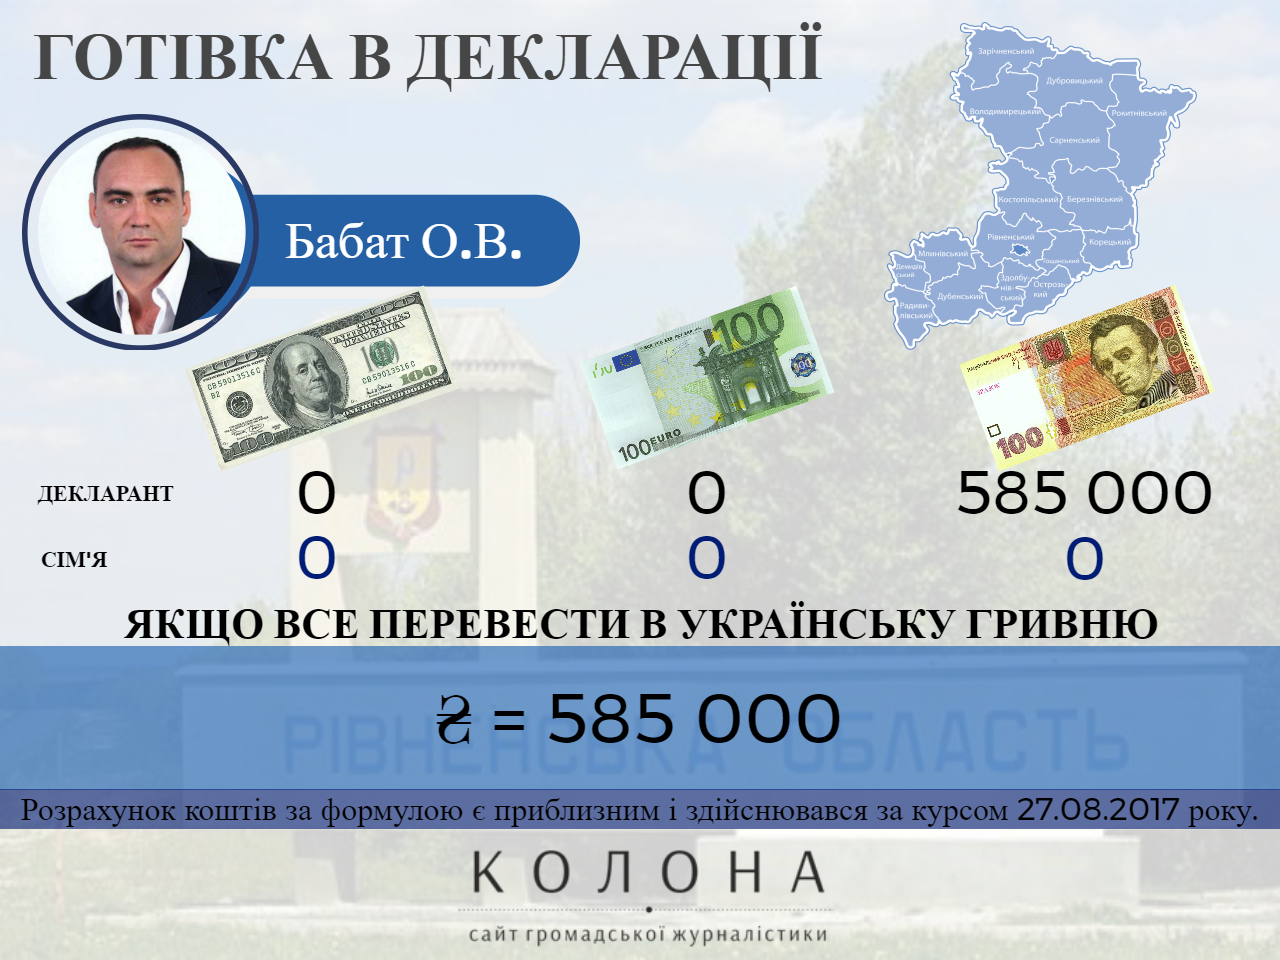 Бабат Олександр Володимирович